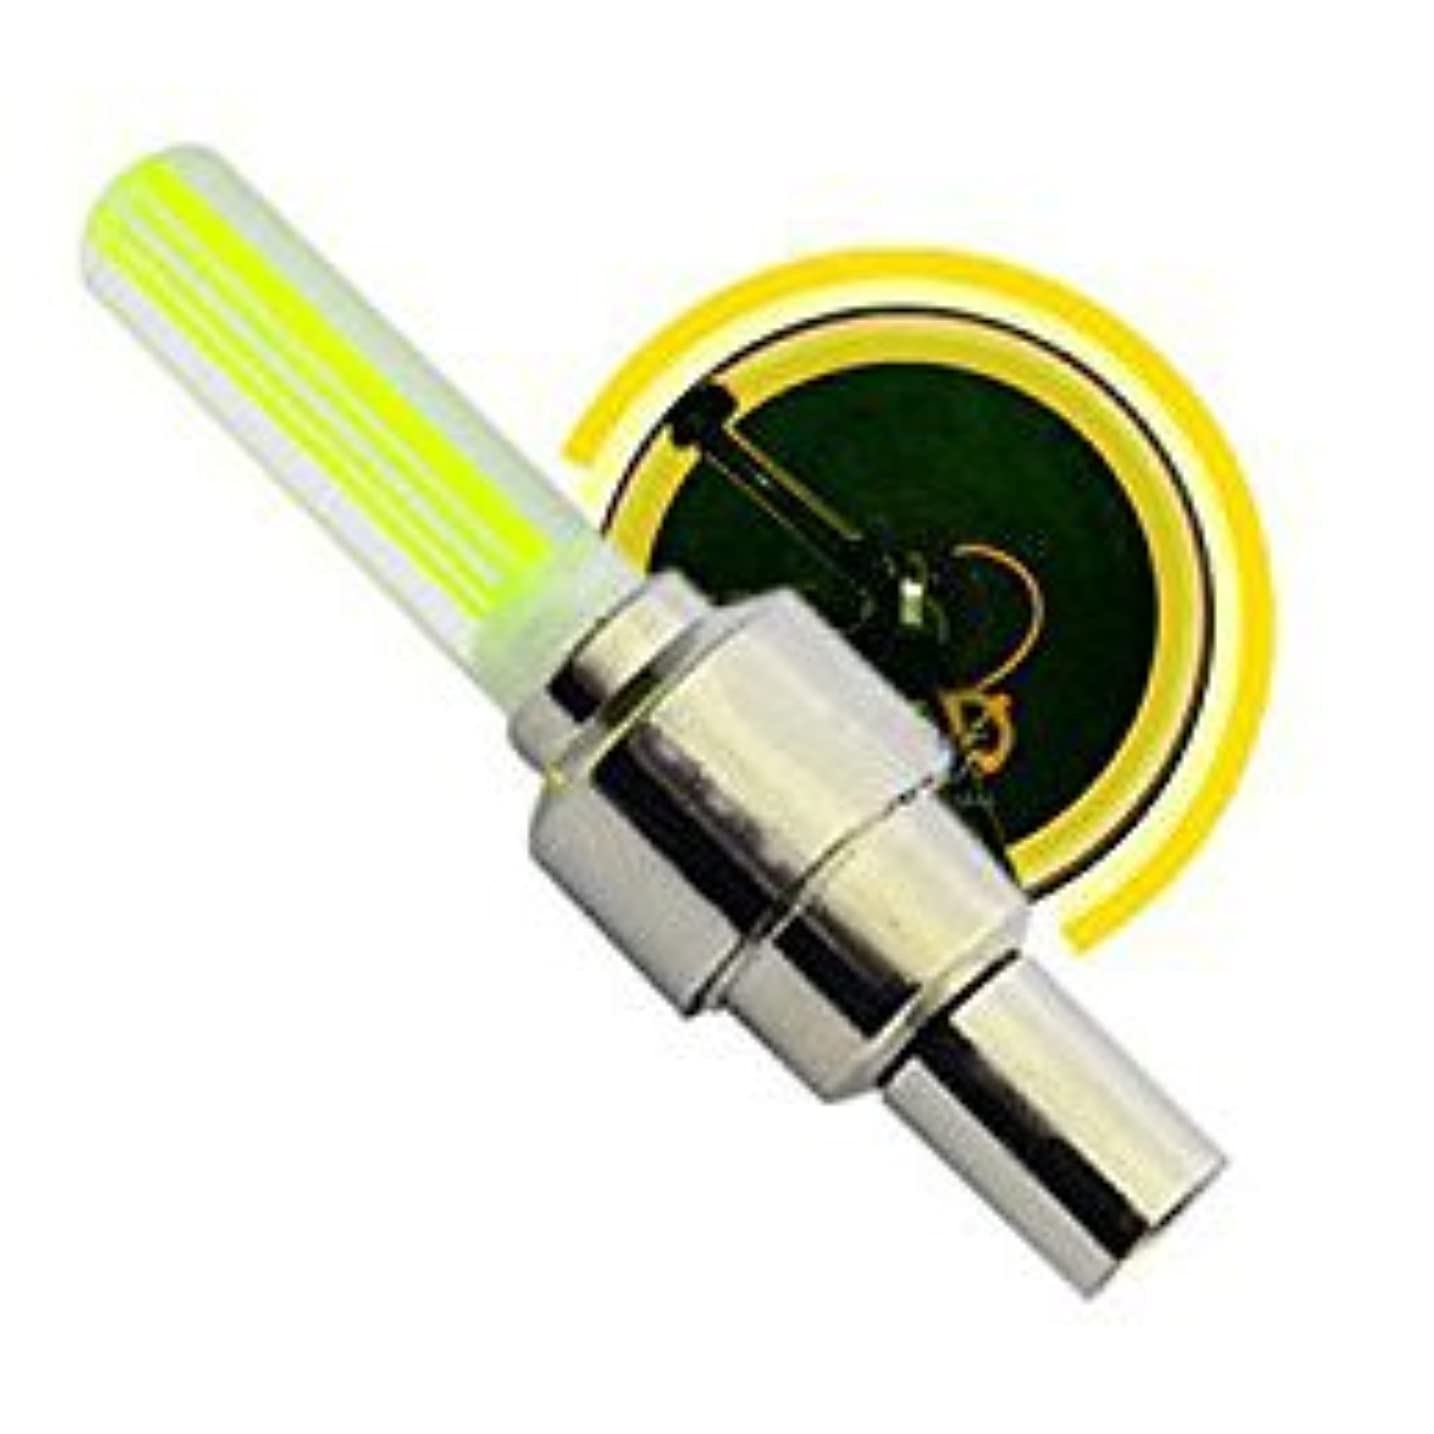 始める大通り腐食する【まとめ 4セット】 ITPROTECH LED バルブエアーキャップ/イエロー YT-LEDCAP/YL